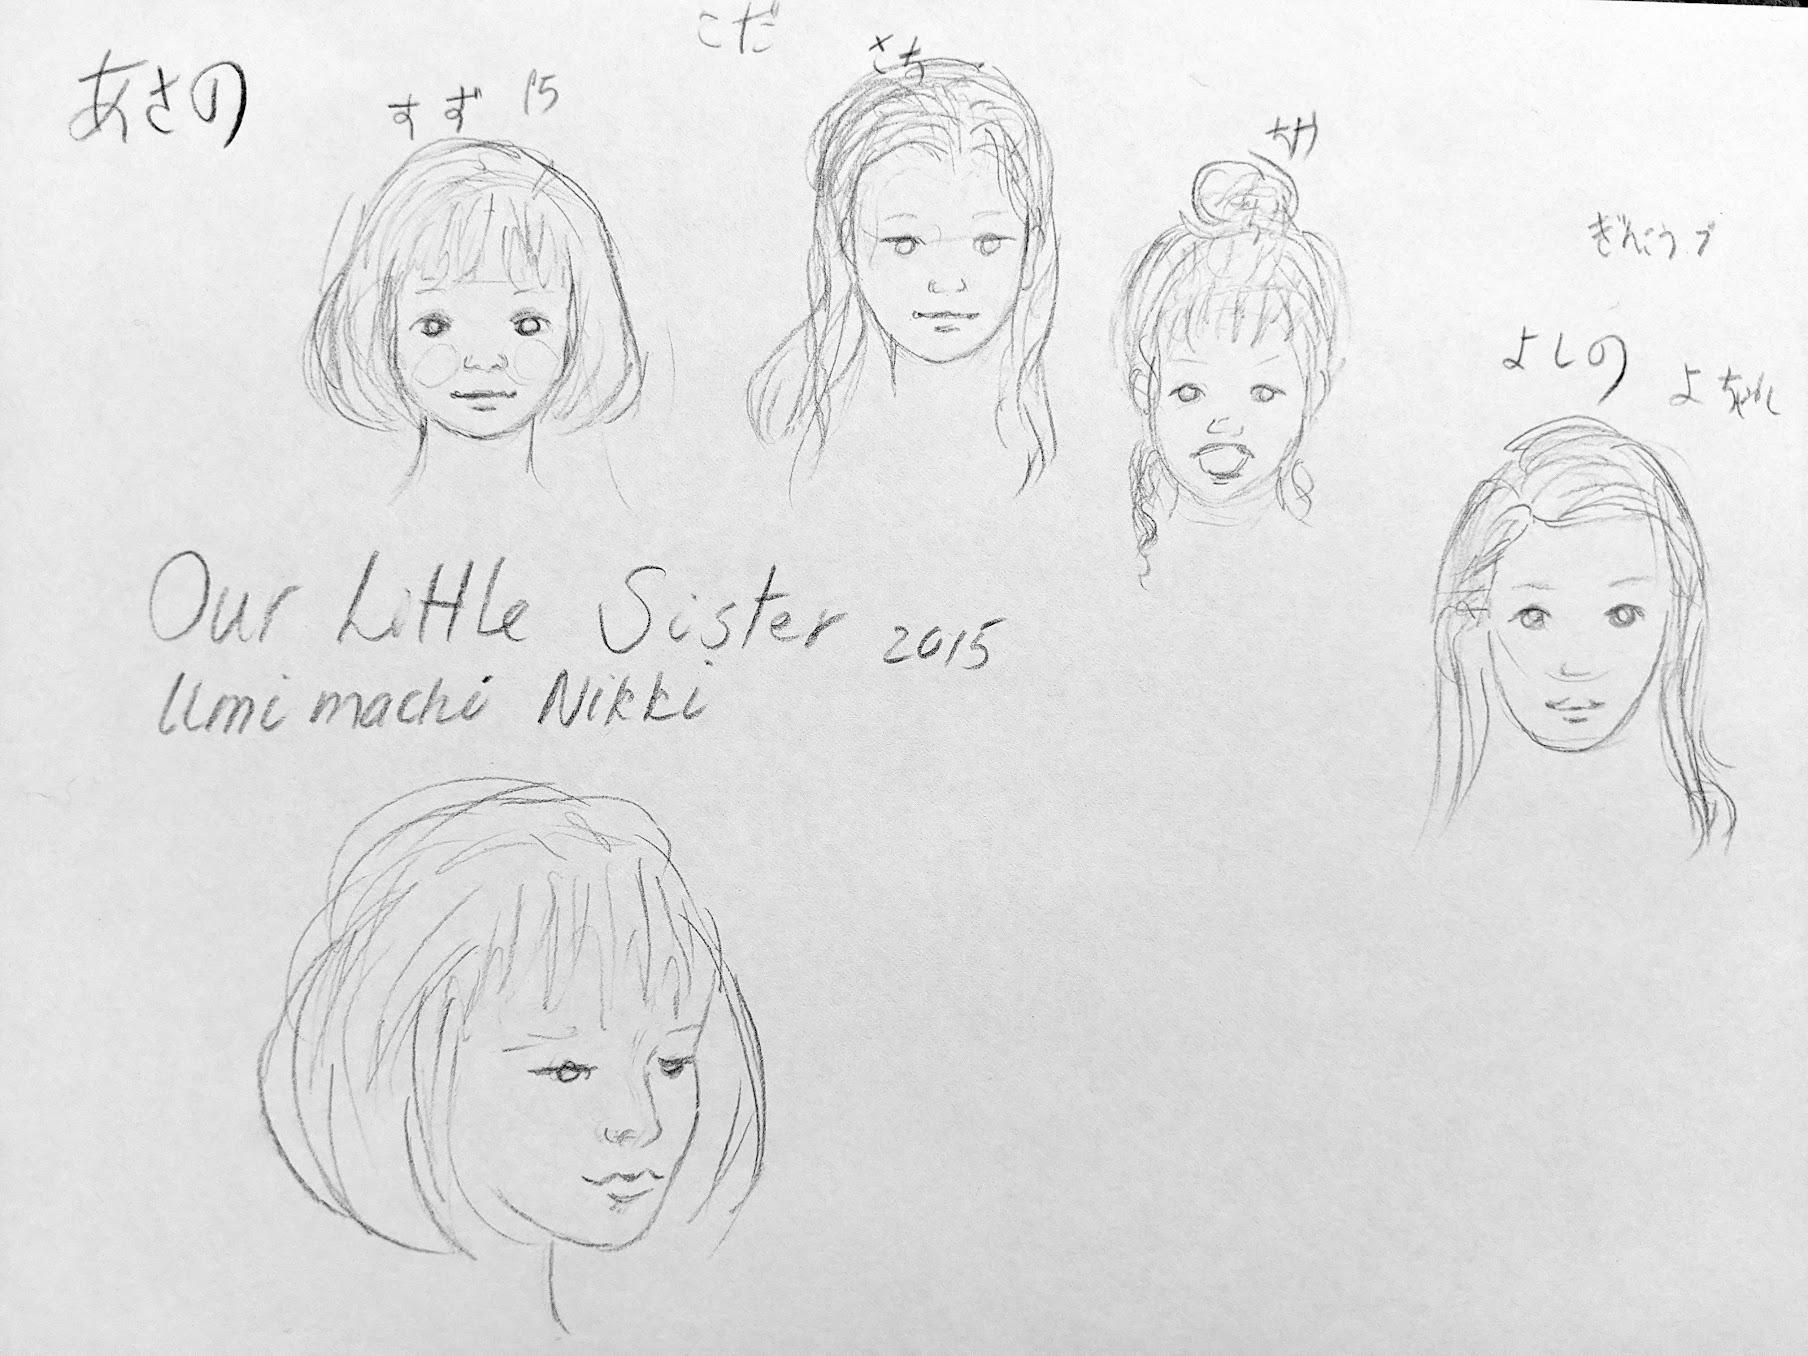 海街 (Our Little Sister)